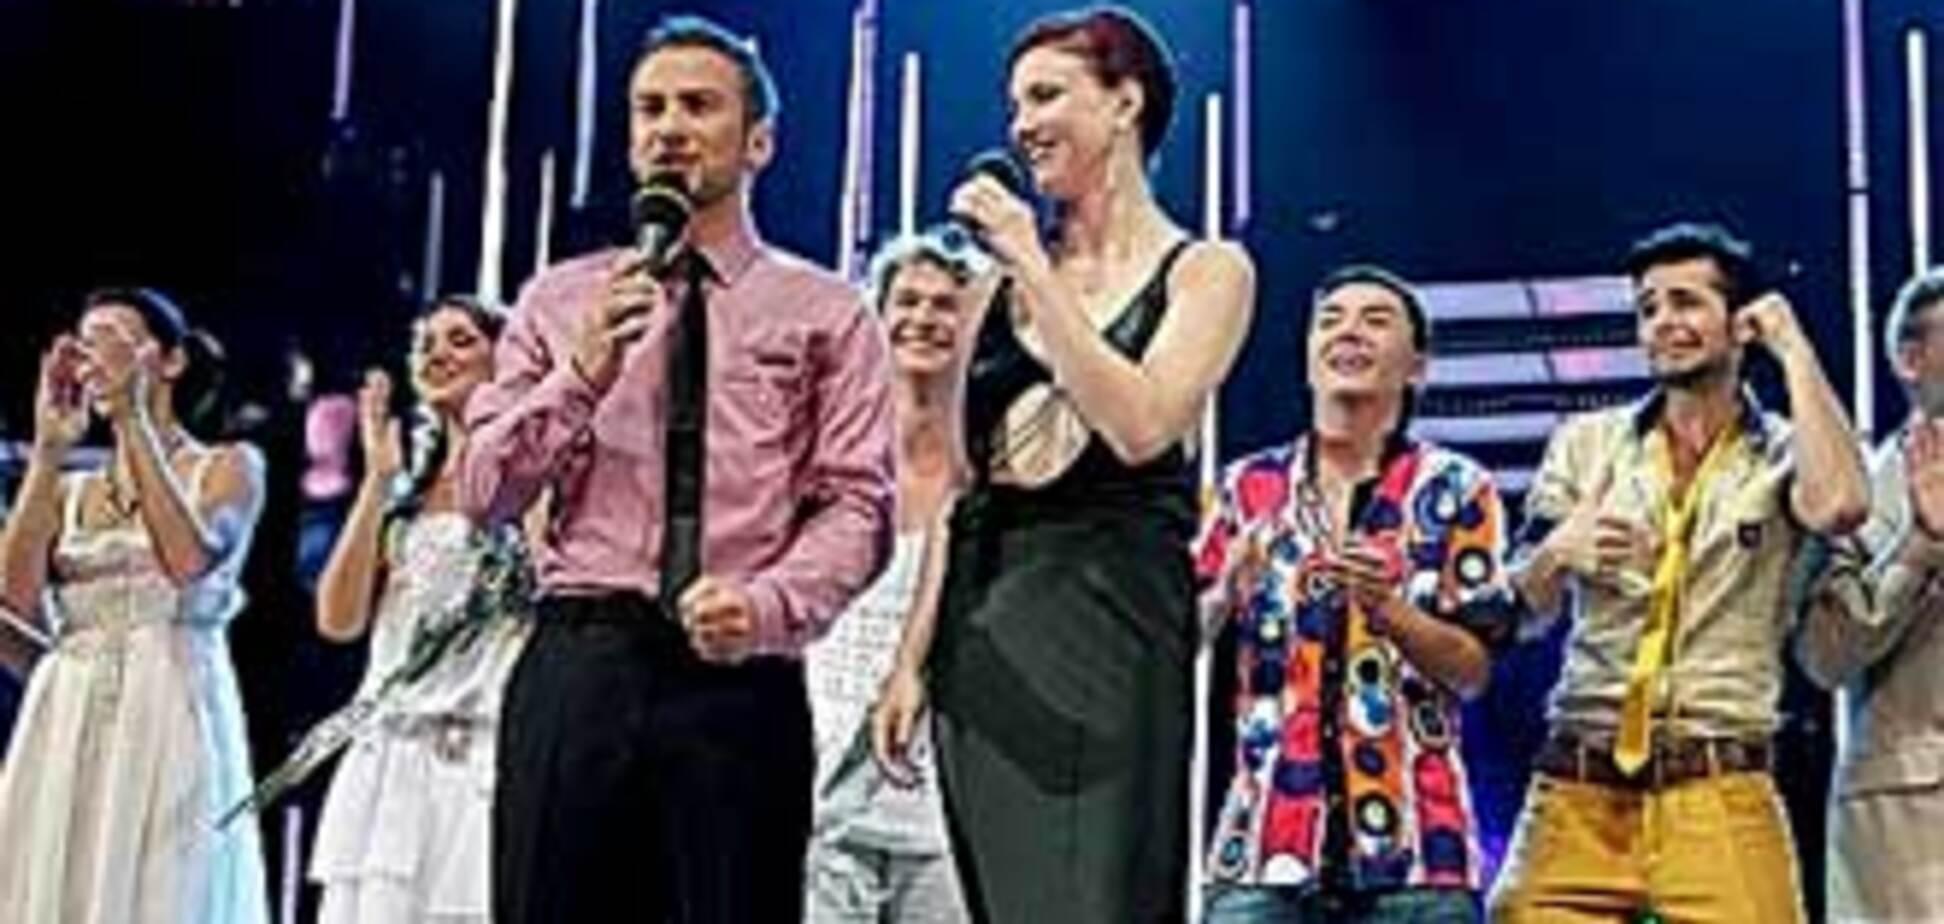 На конкурсі 'П'ять зірок' перемогла співачка з Таджикистану